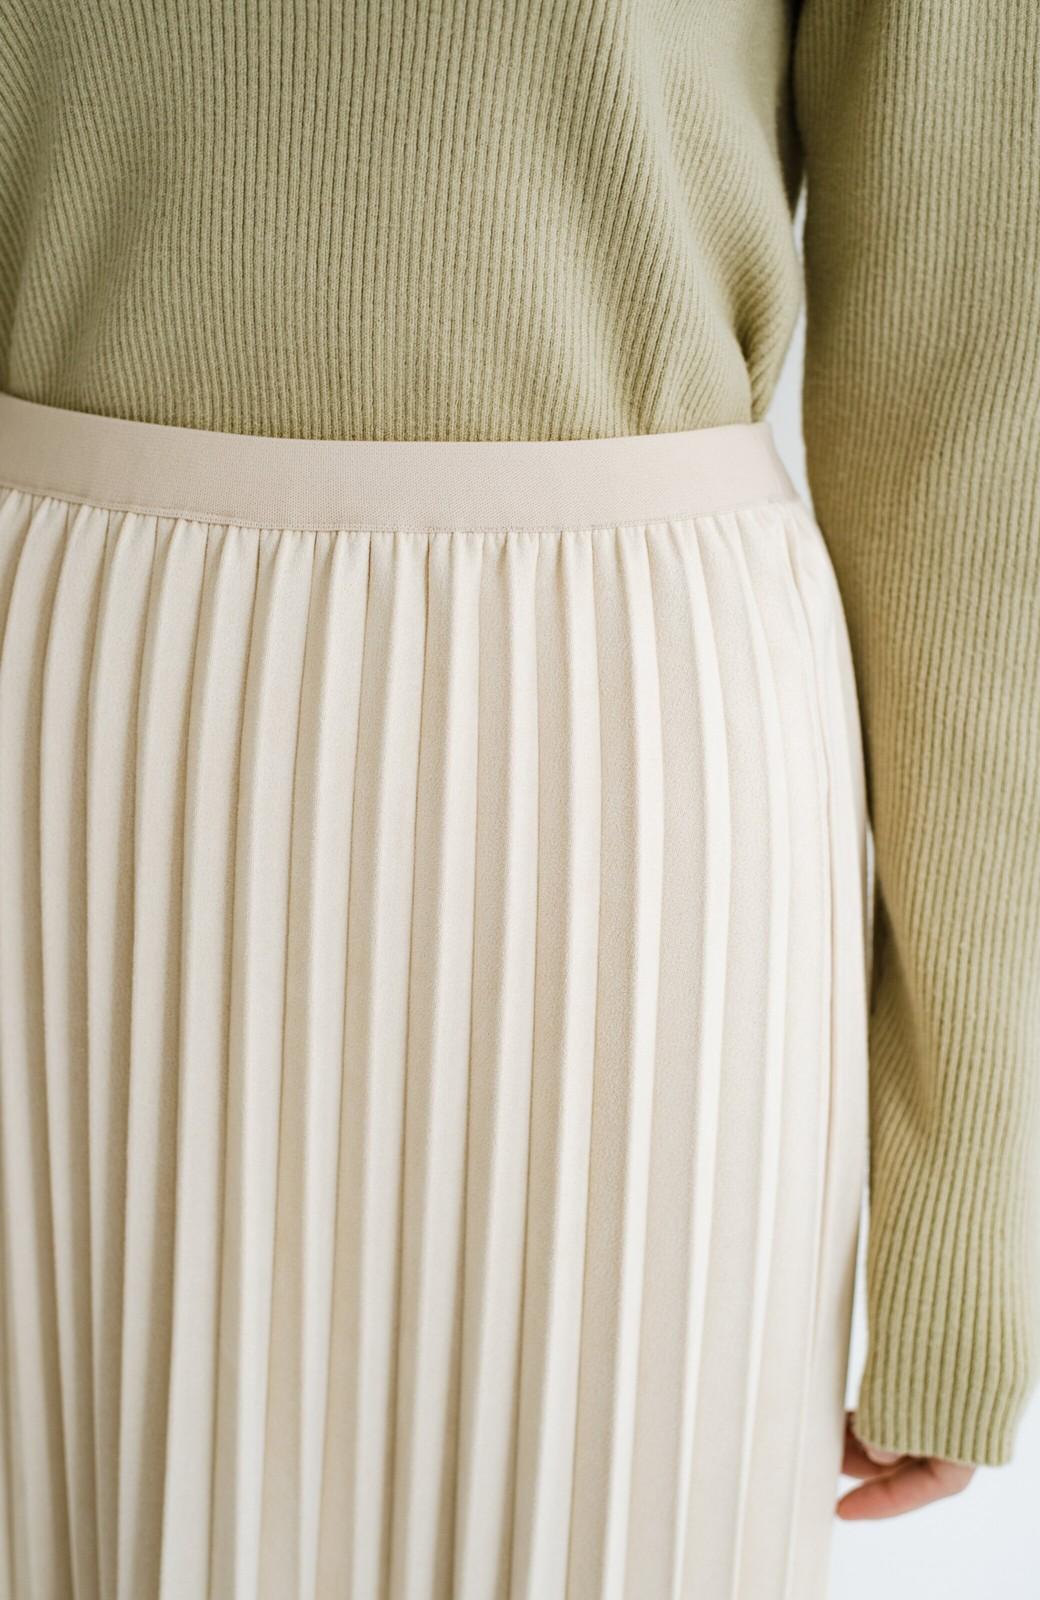 haco! たちまち旬顔!ニットにもスウェットにも似合うフェイクスエードのプリーツスカート by Nohea <アイボリー>の商品写真8